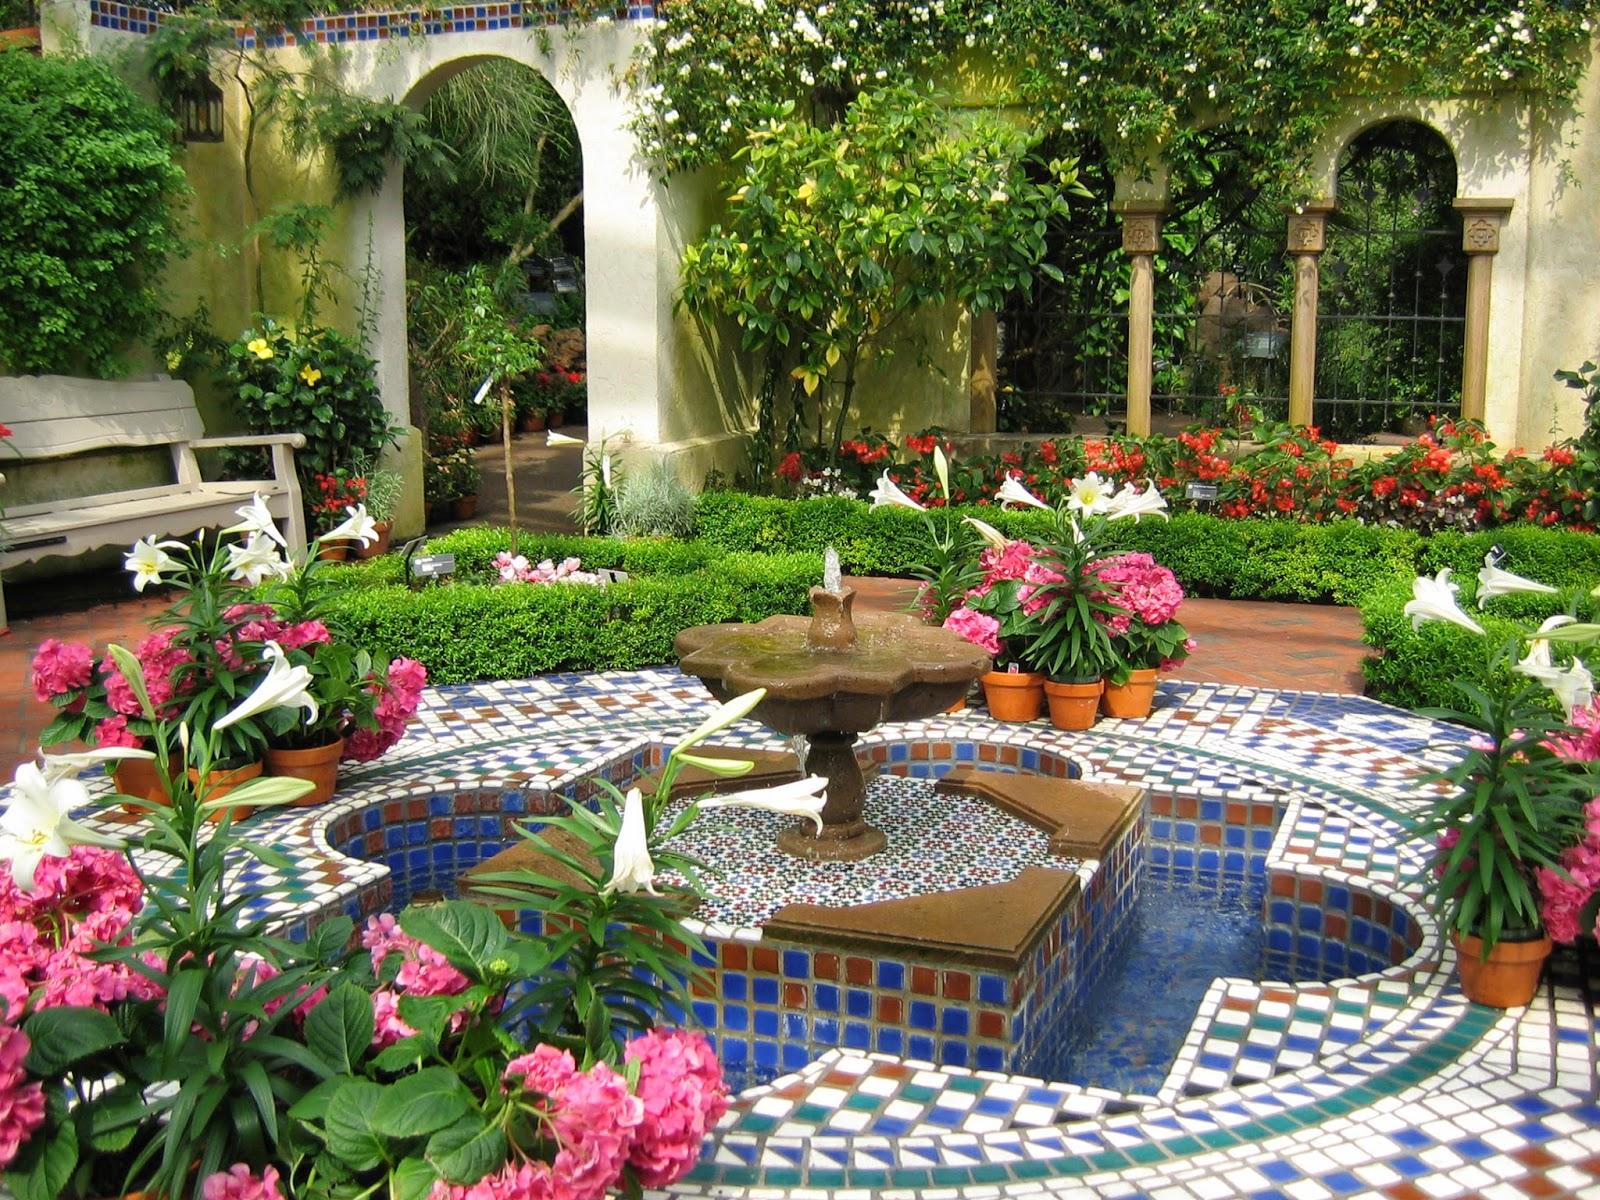 Arte y jardiner a dise o de jardines seleccionar un estilo for Diseno de jardines lima